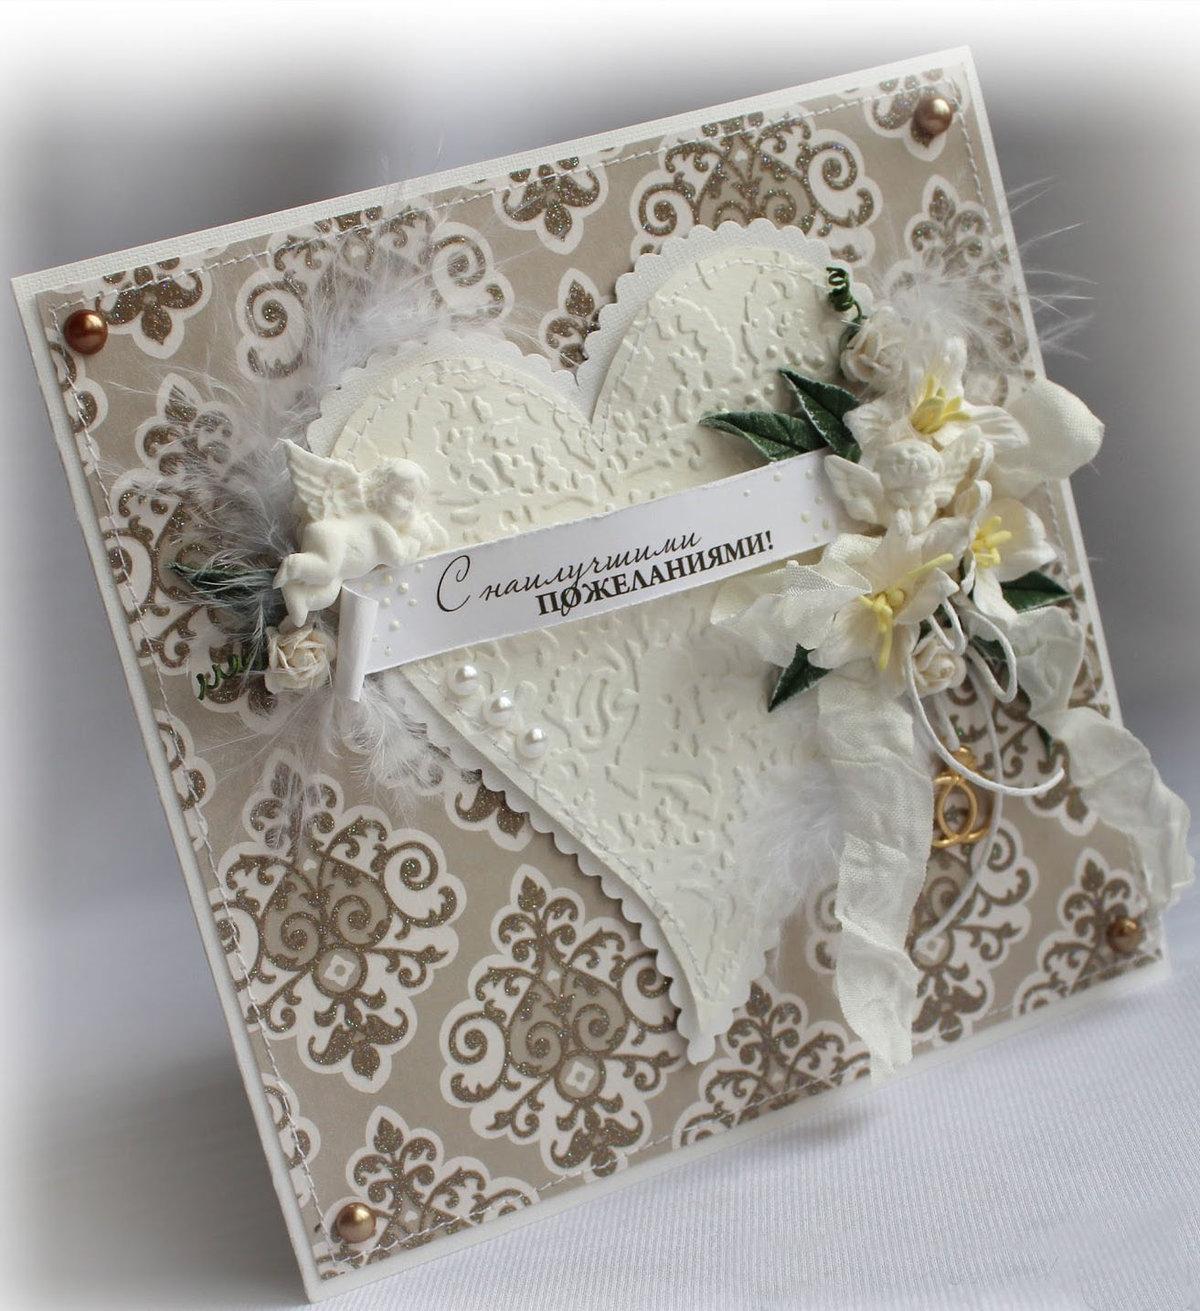 Открытка ко дню свадьбы скрапбукинг 64